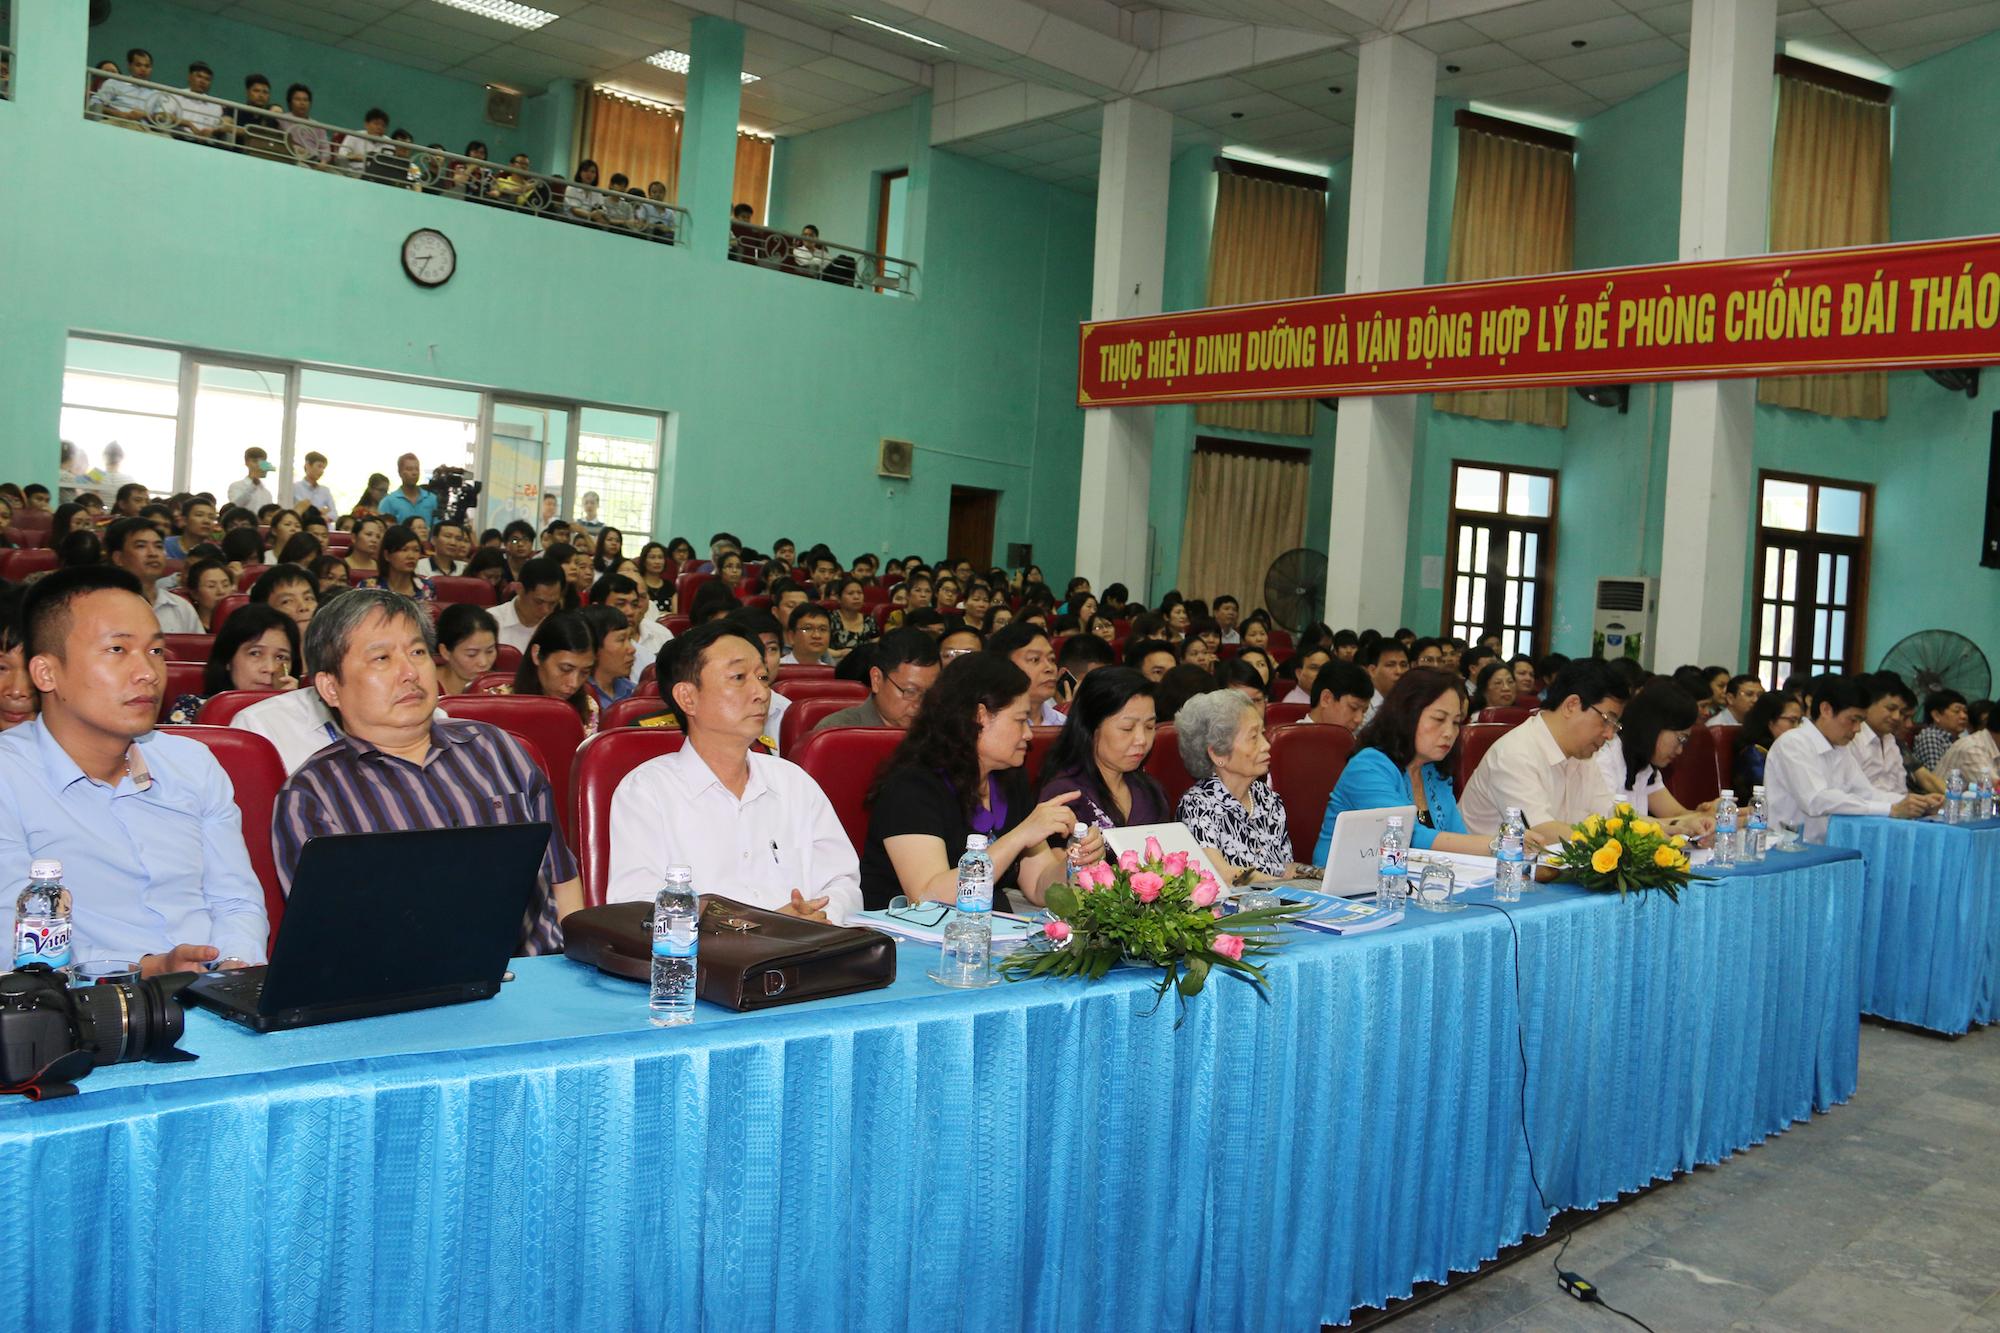 Các đại biểu tập trung lắng nghe nhóm nghiên cứu trình bày kết quả